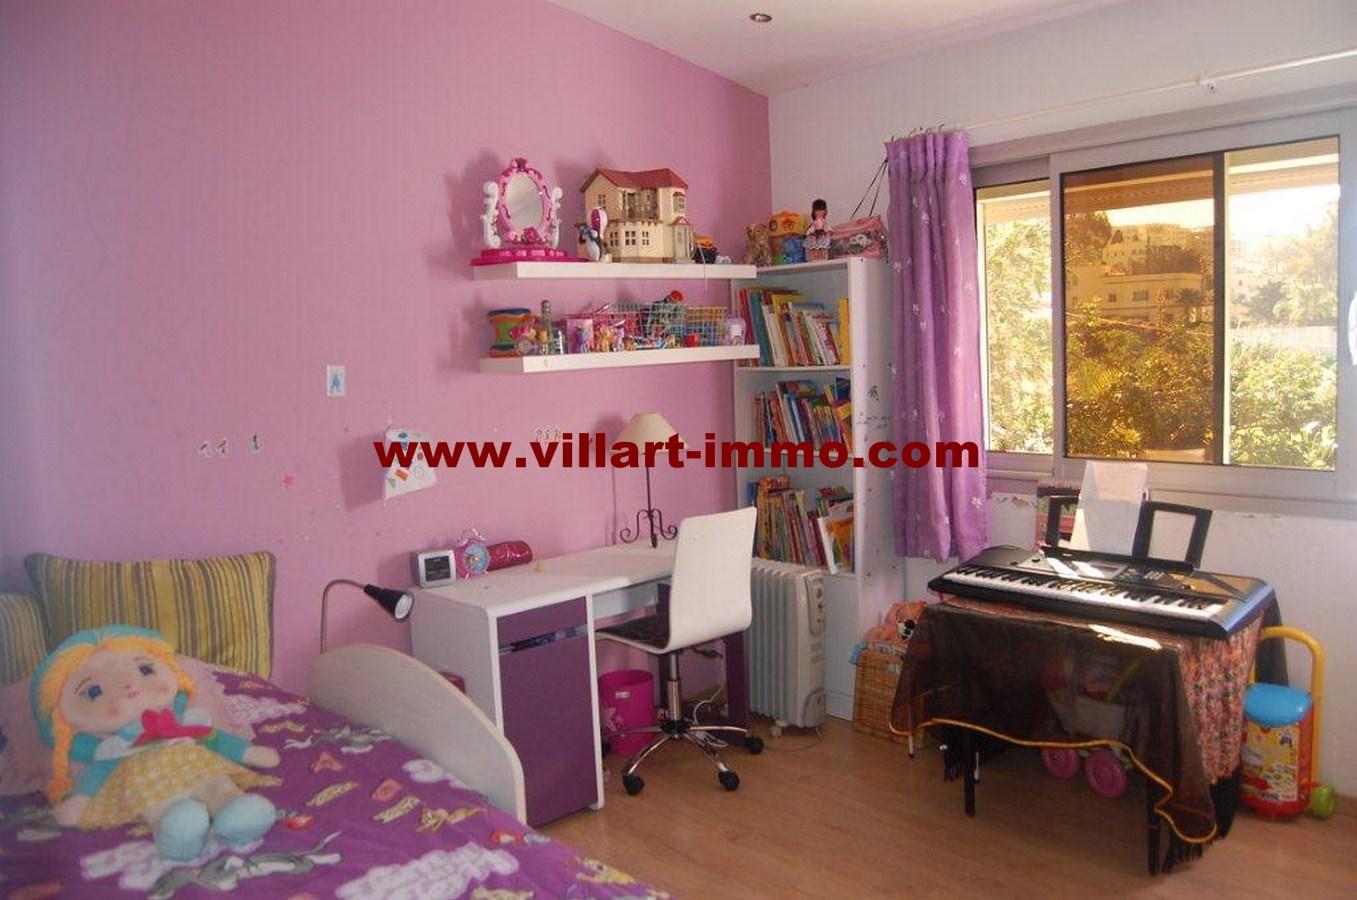 5-a-vendre-tanger-villa-californie-chambre-1-vv461-villart-immo-agence-immobiliere-copier